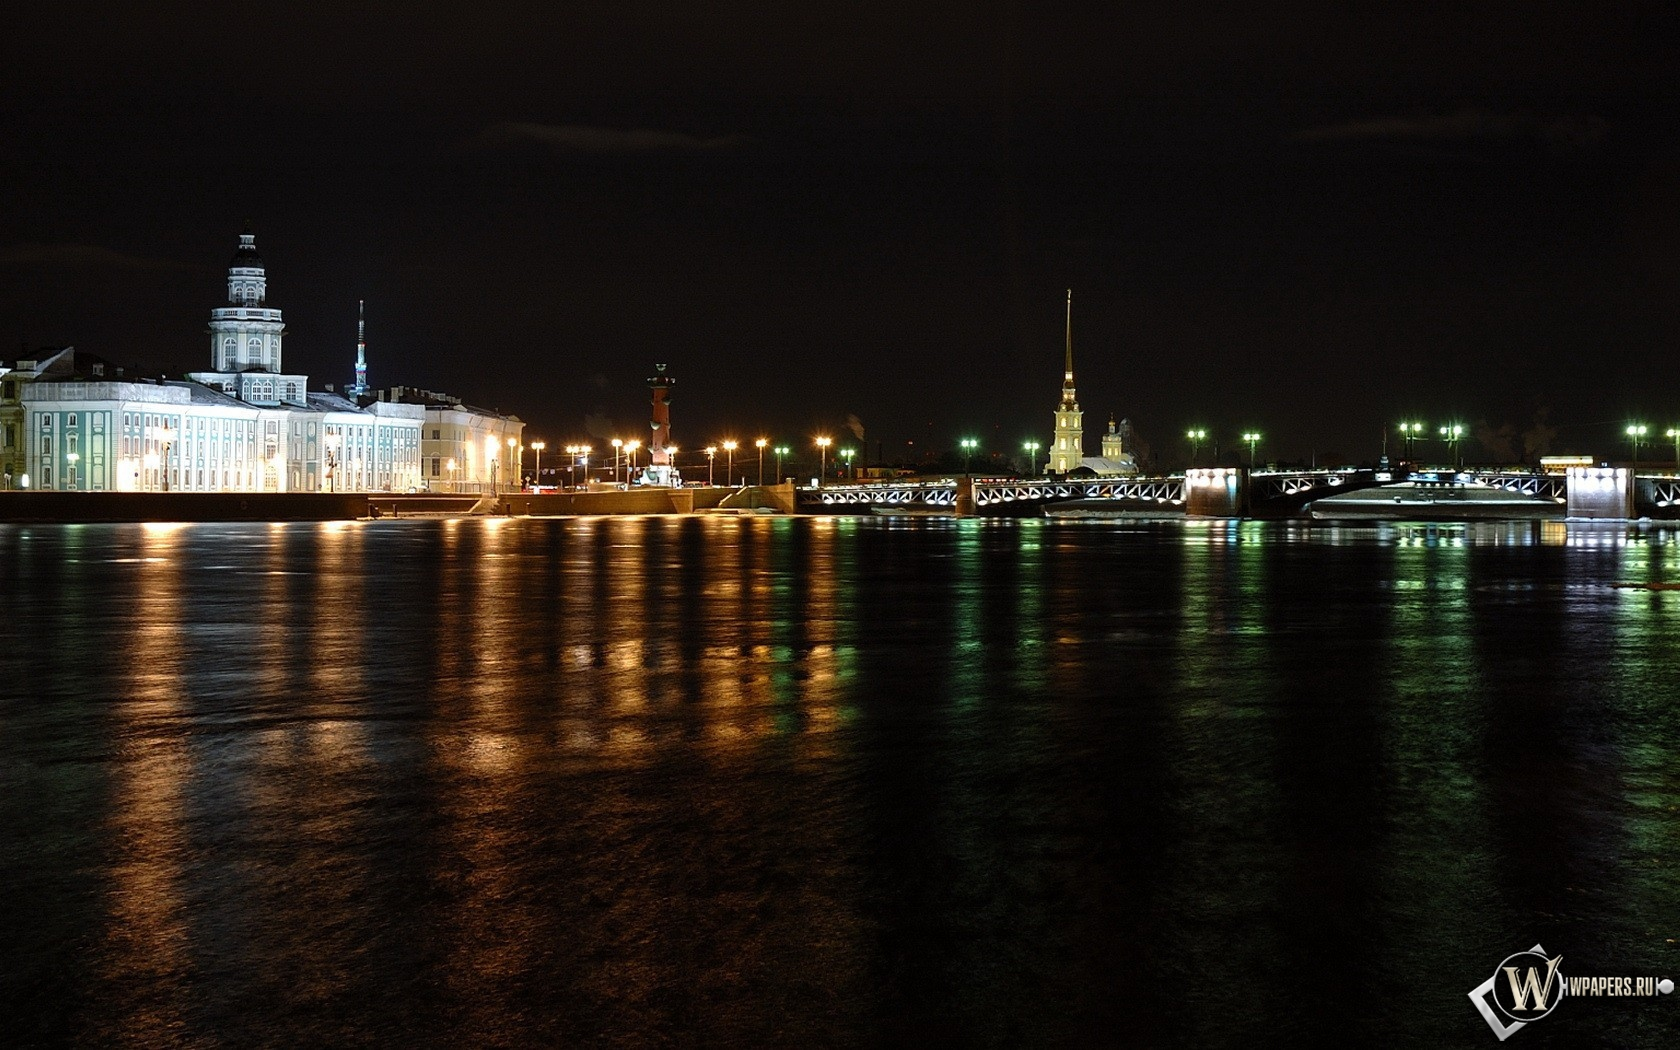 Ночной Питер 1680x1050